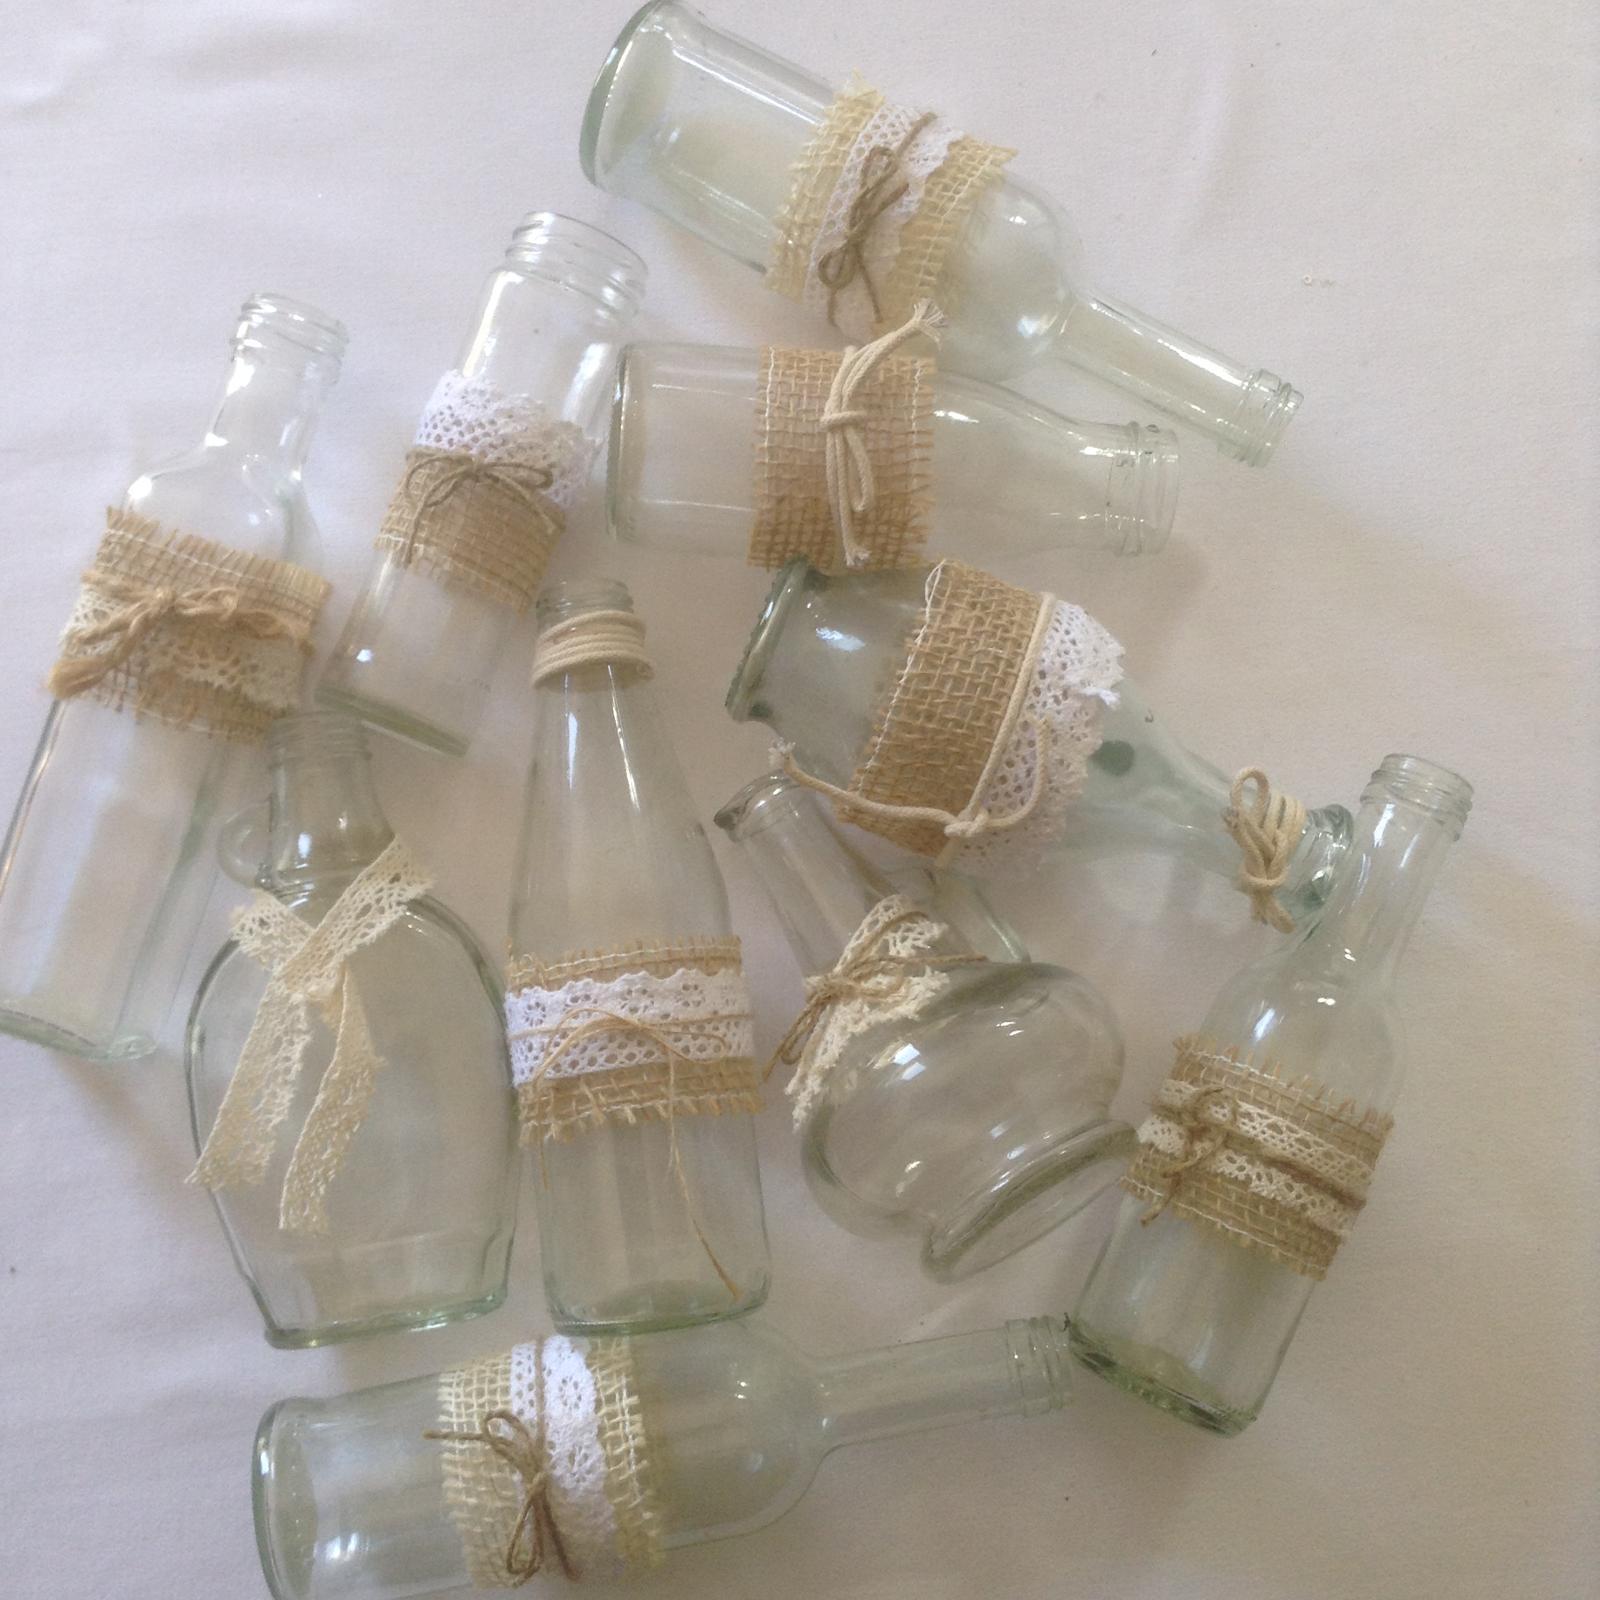 Vázy - na prenájom - Obrázok č. 1